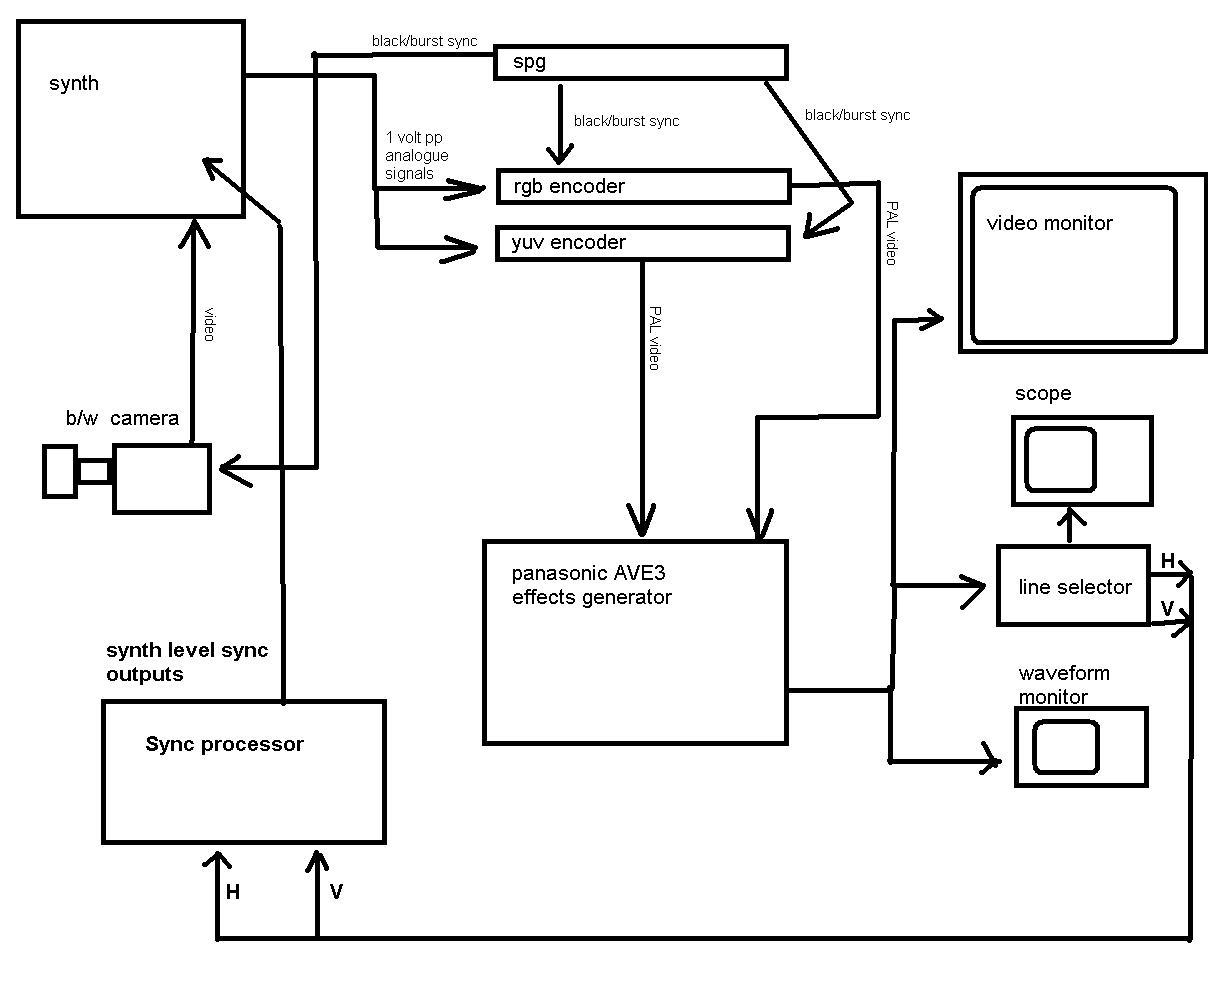 synthpunk u0026 39 s blog  system flow diagram